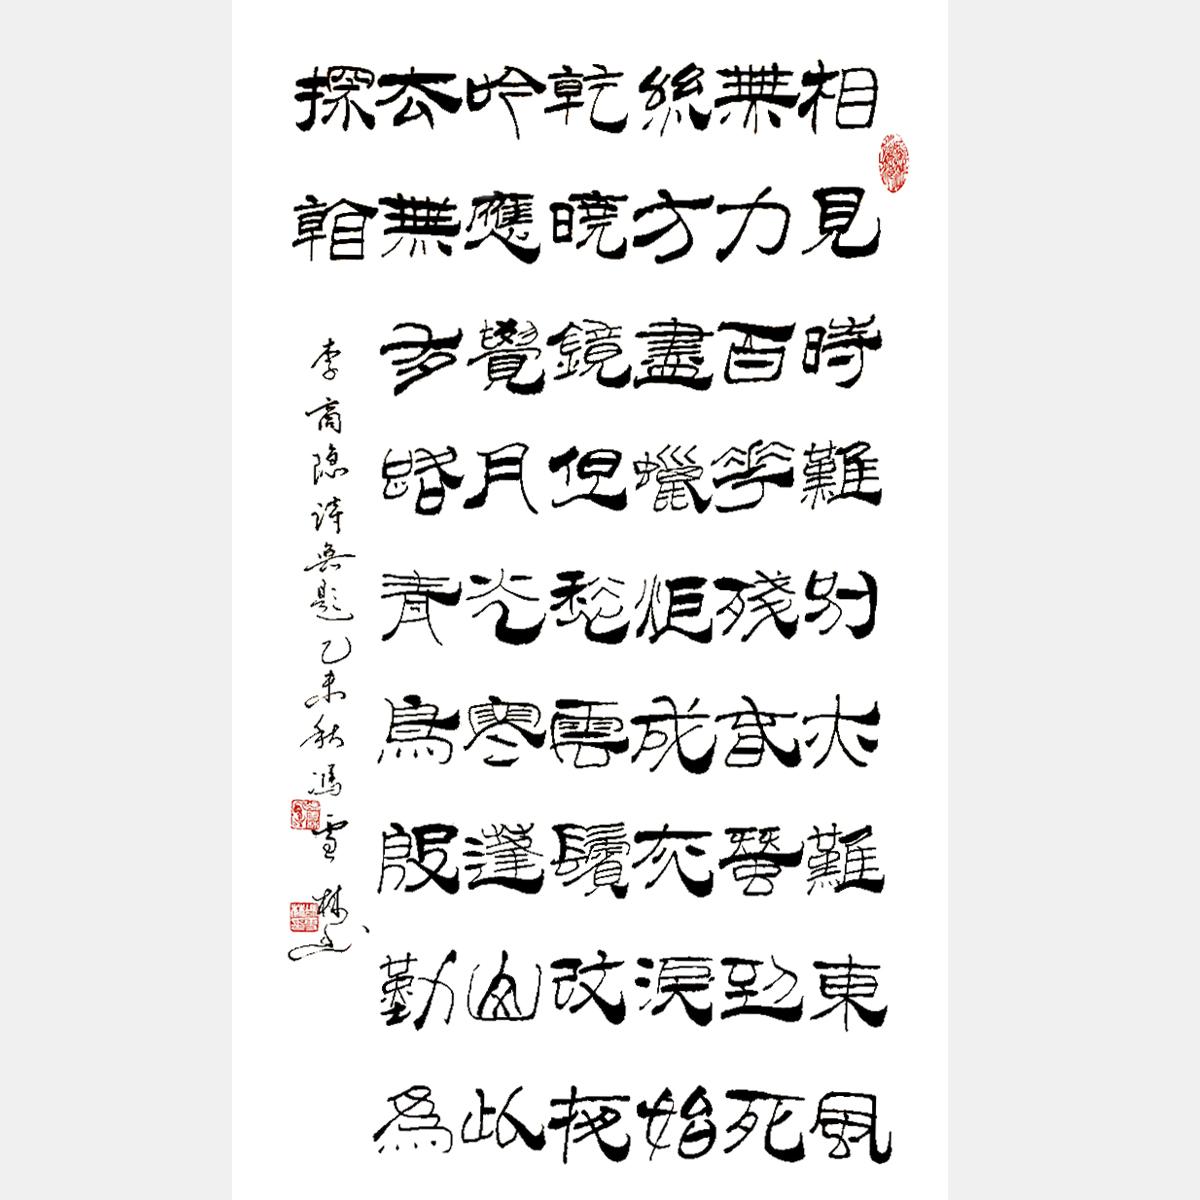 冯雪林篆书 李商隐《无题・相见时难别亦难》 七言律诗 竖幅